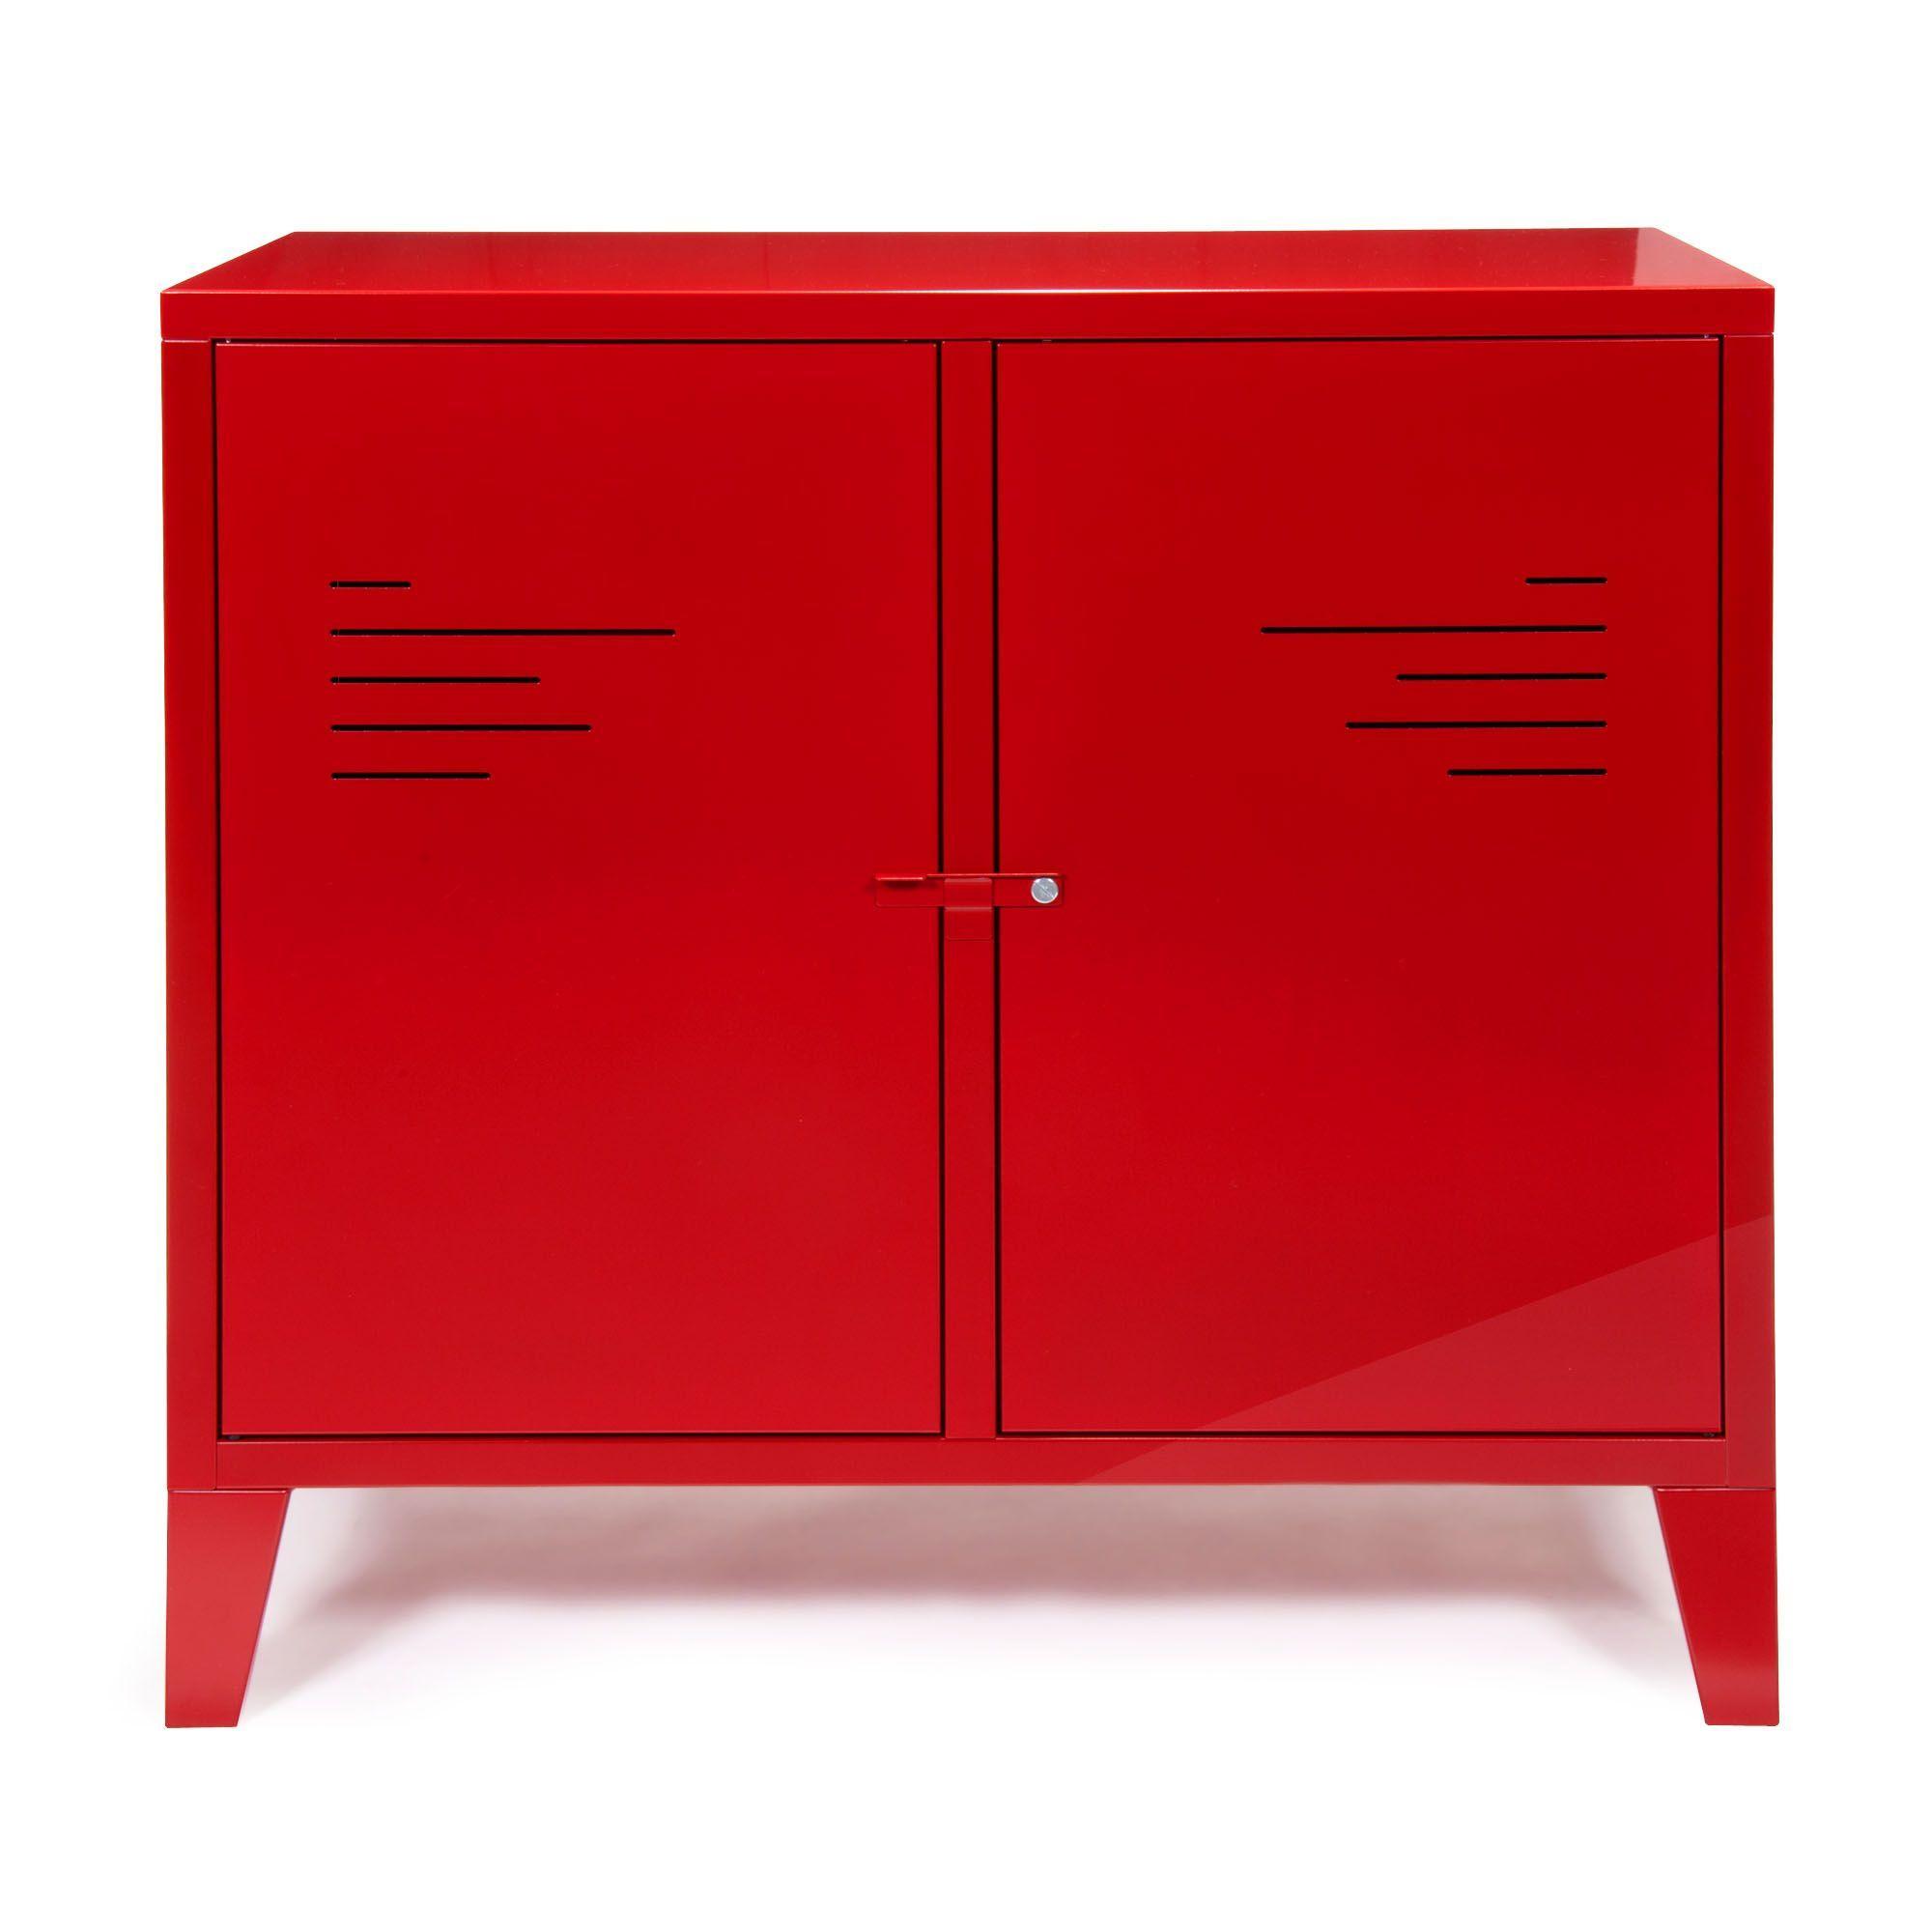 177e2c6ad22f45 Commode 2 portes rouge en métal - Lofter - Alinea Meuble Chambre,  Décoration Chambre,